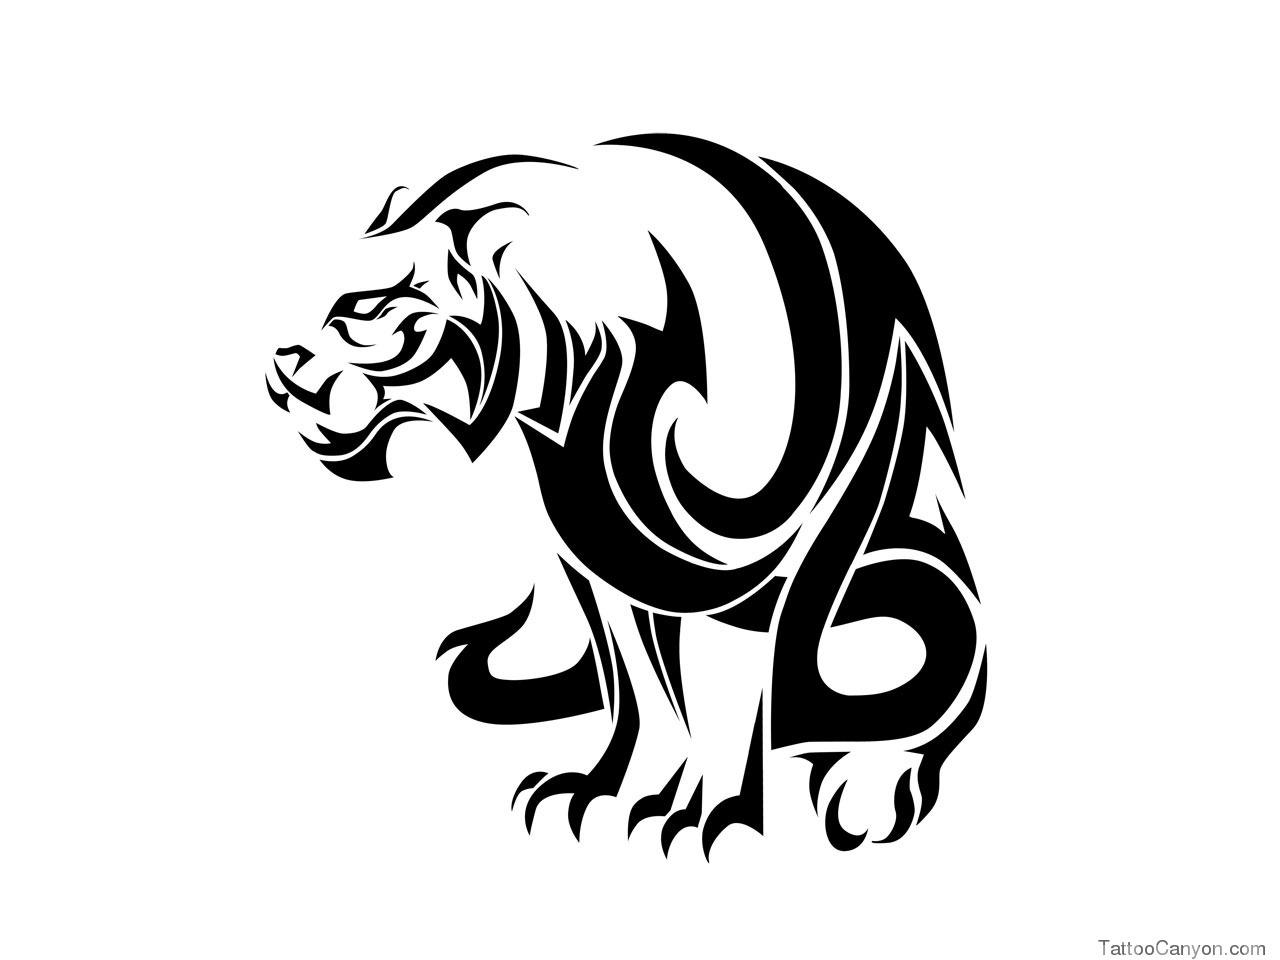 Great tribal sitting tiger tattoo design